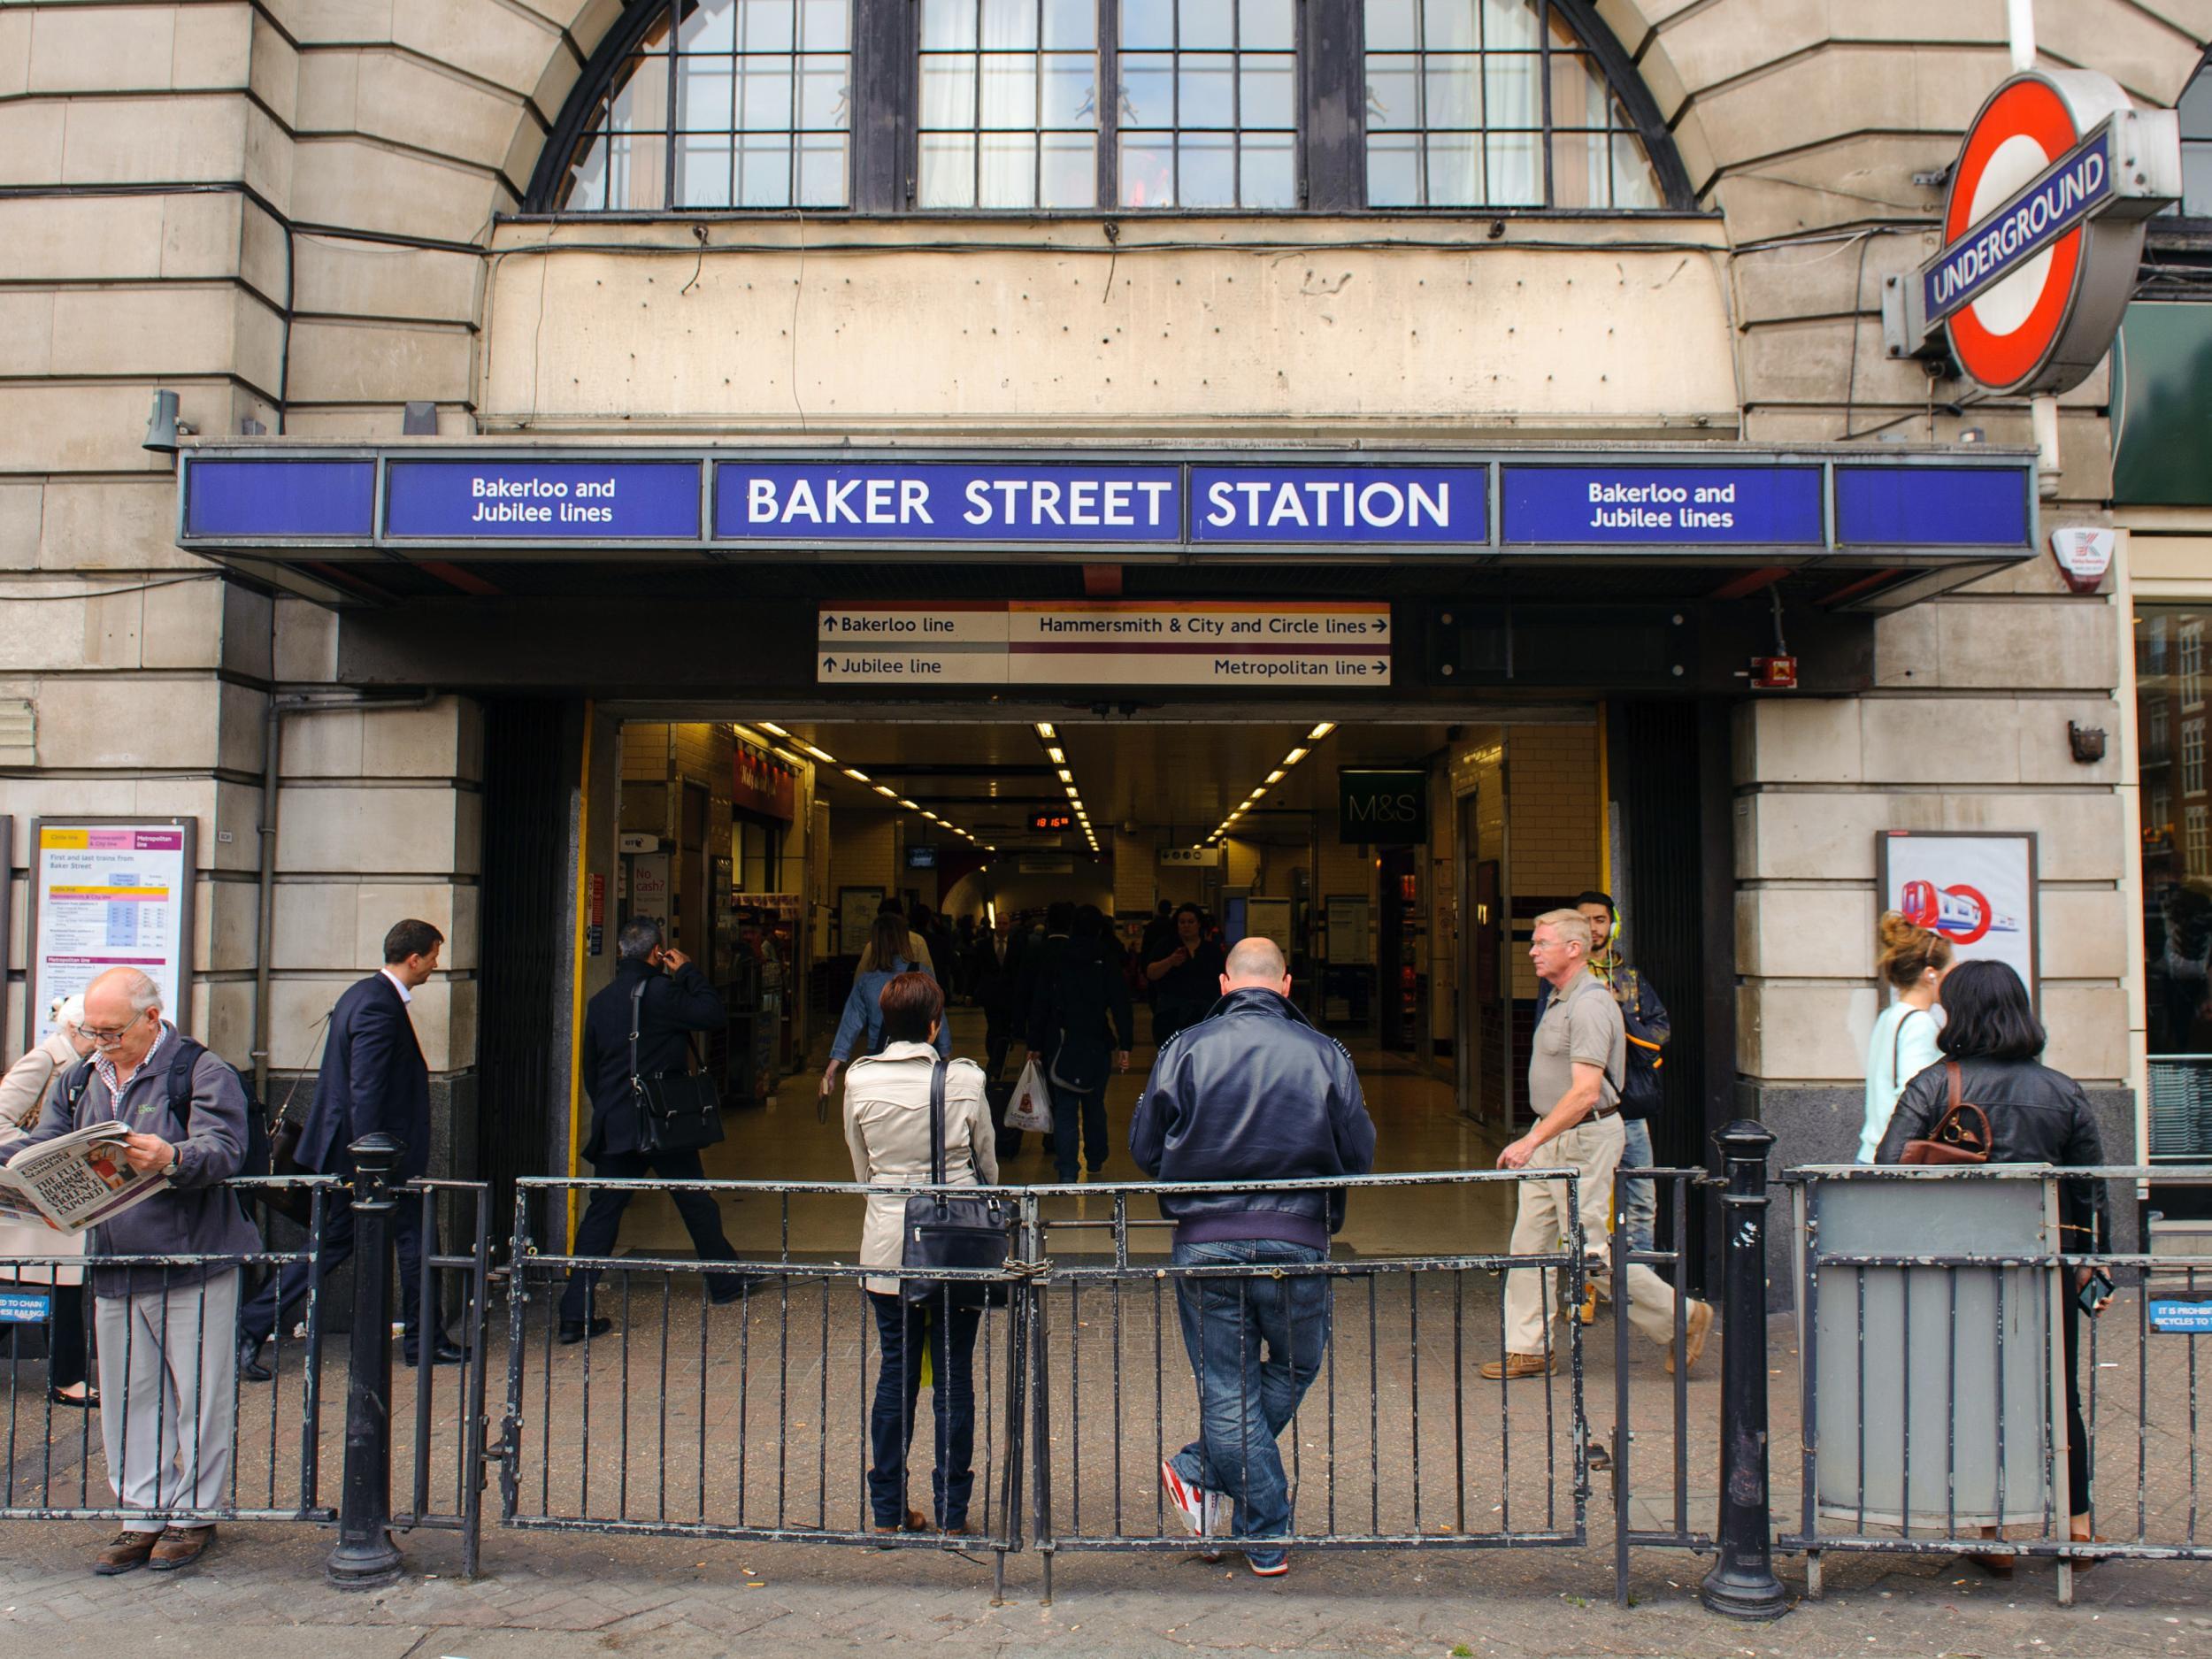 Beker Street